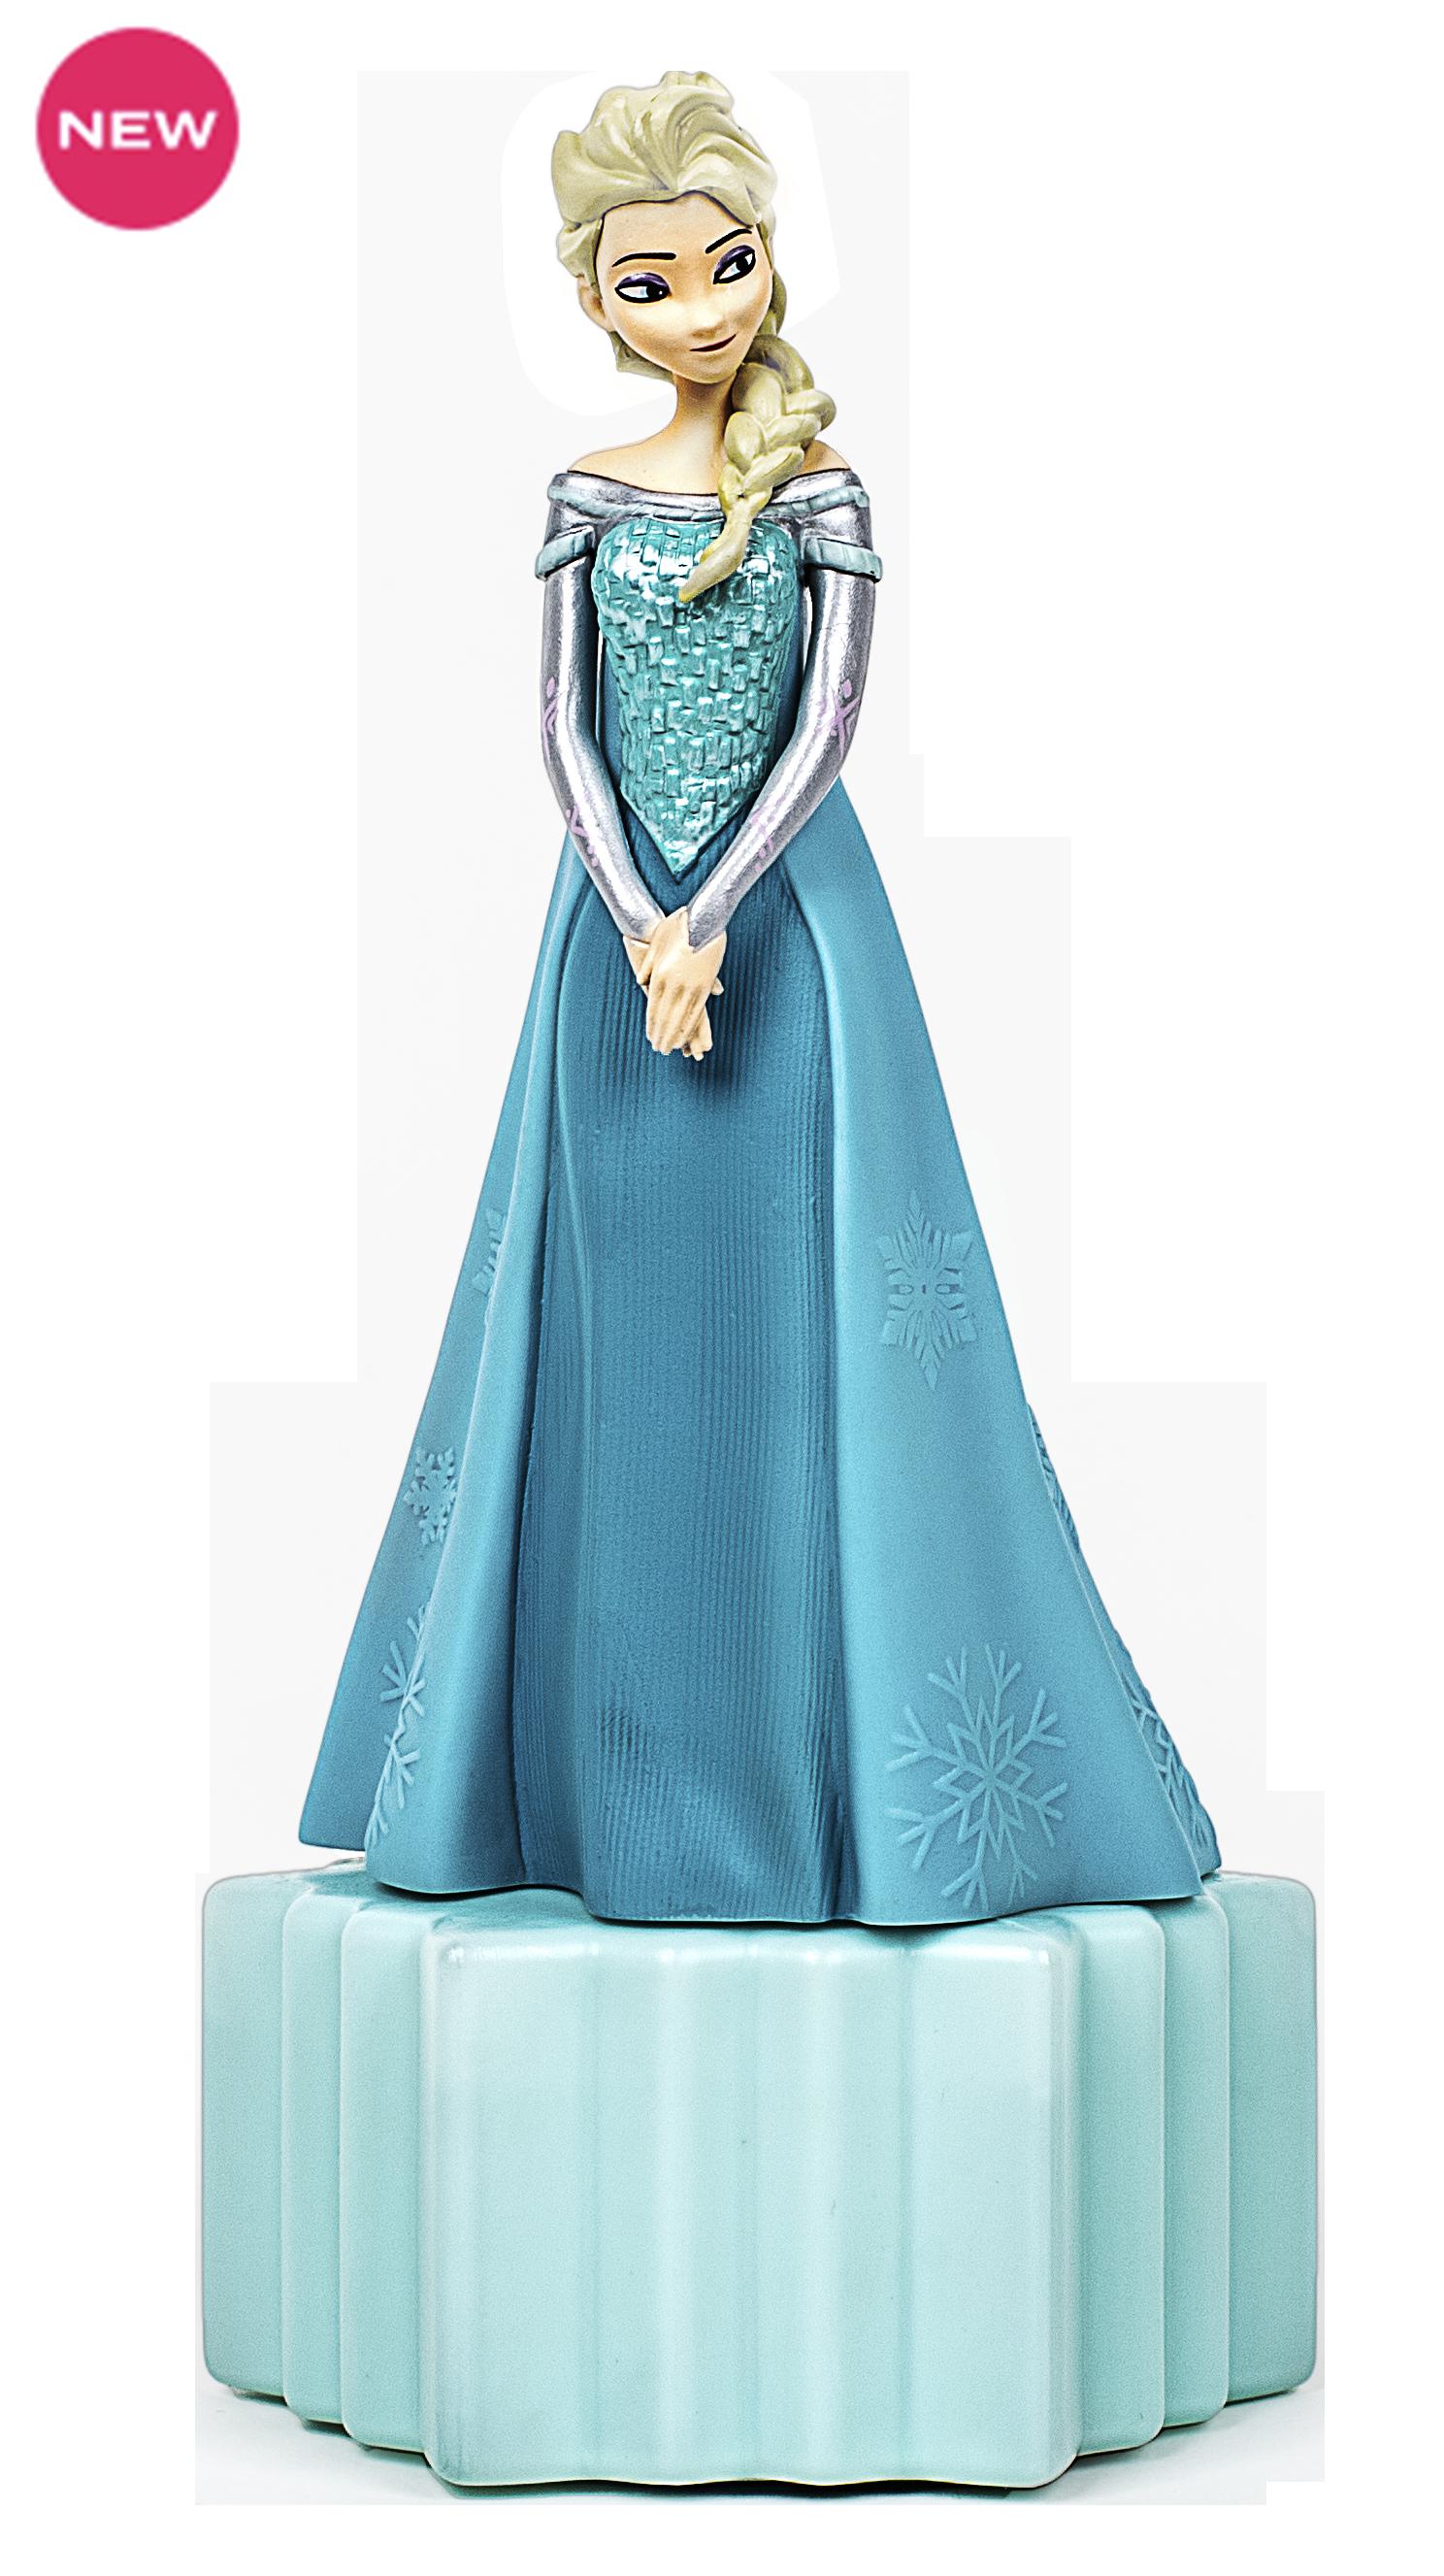 Disney_Frozen_Elsa_Bubble Bath.png